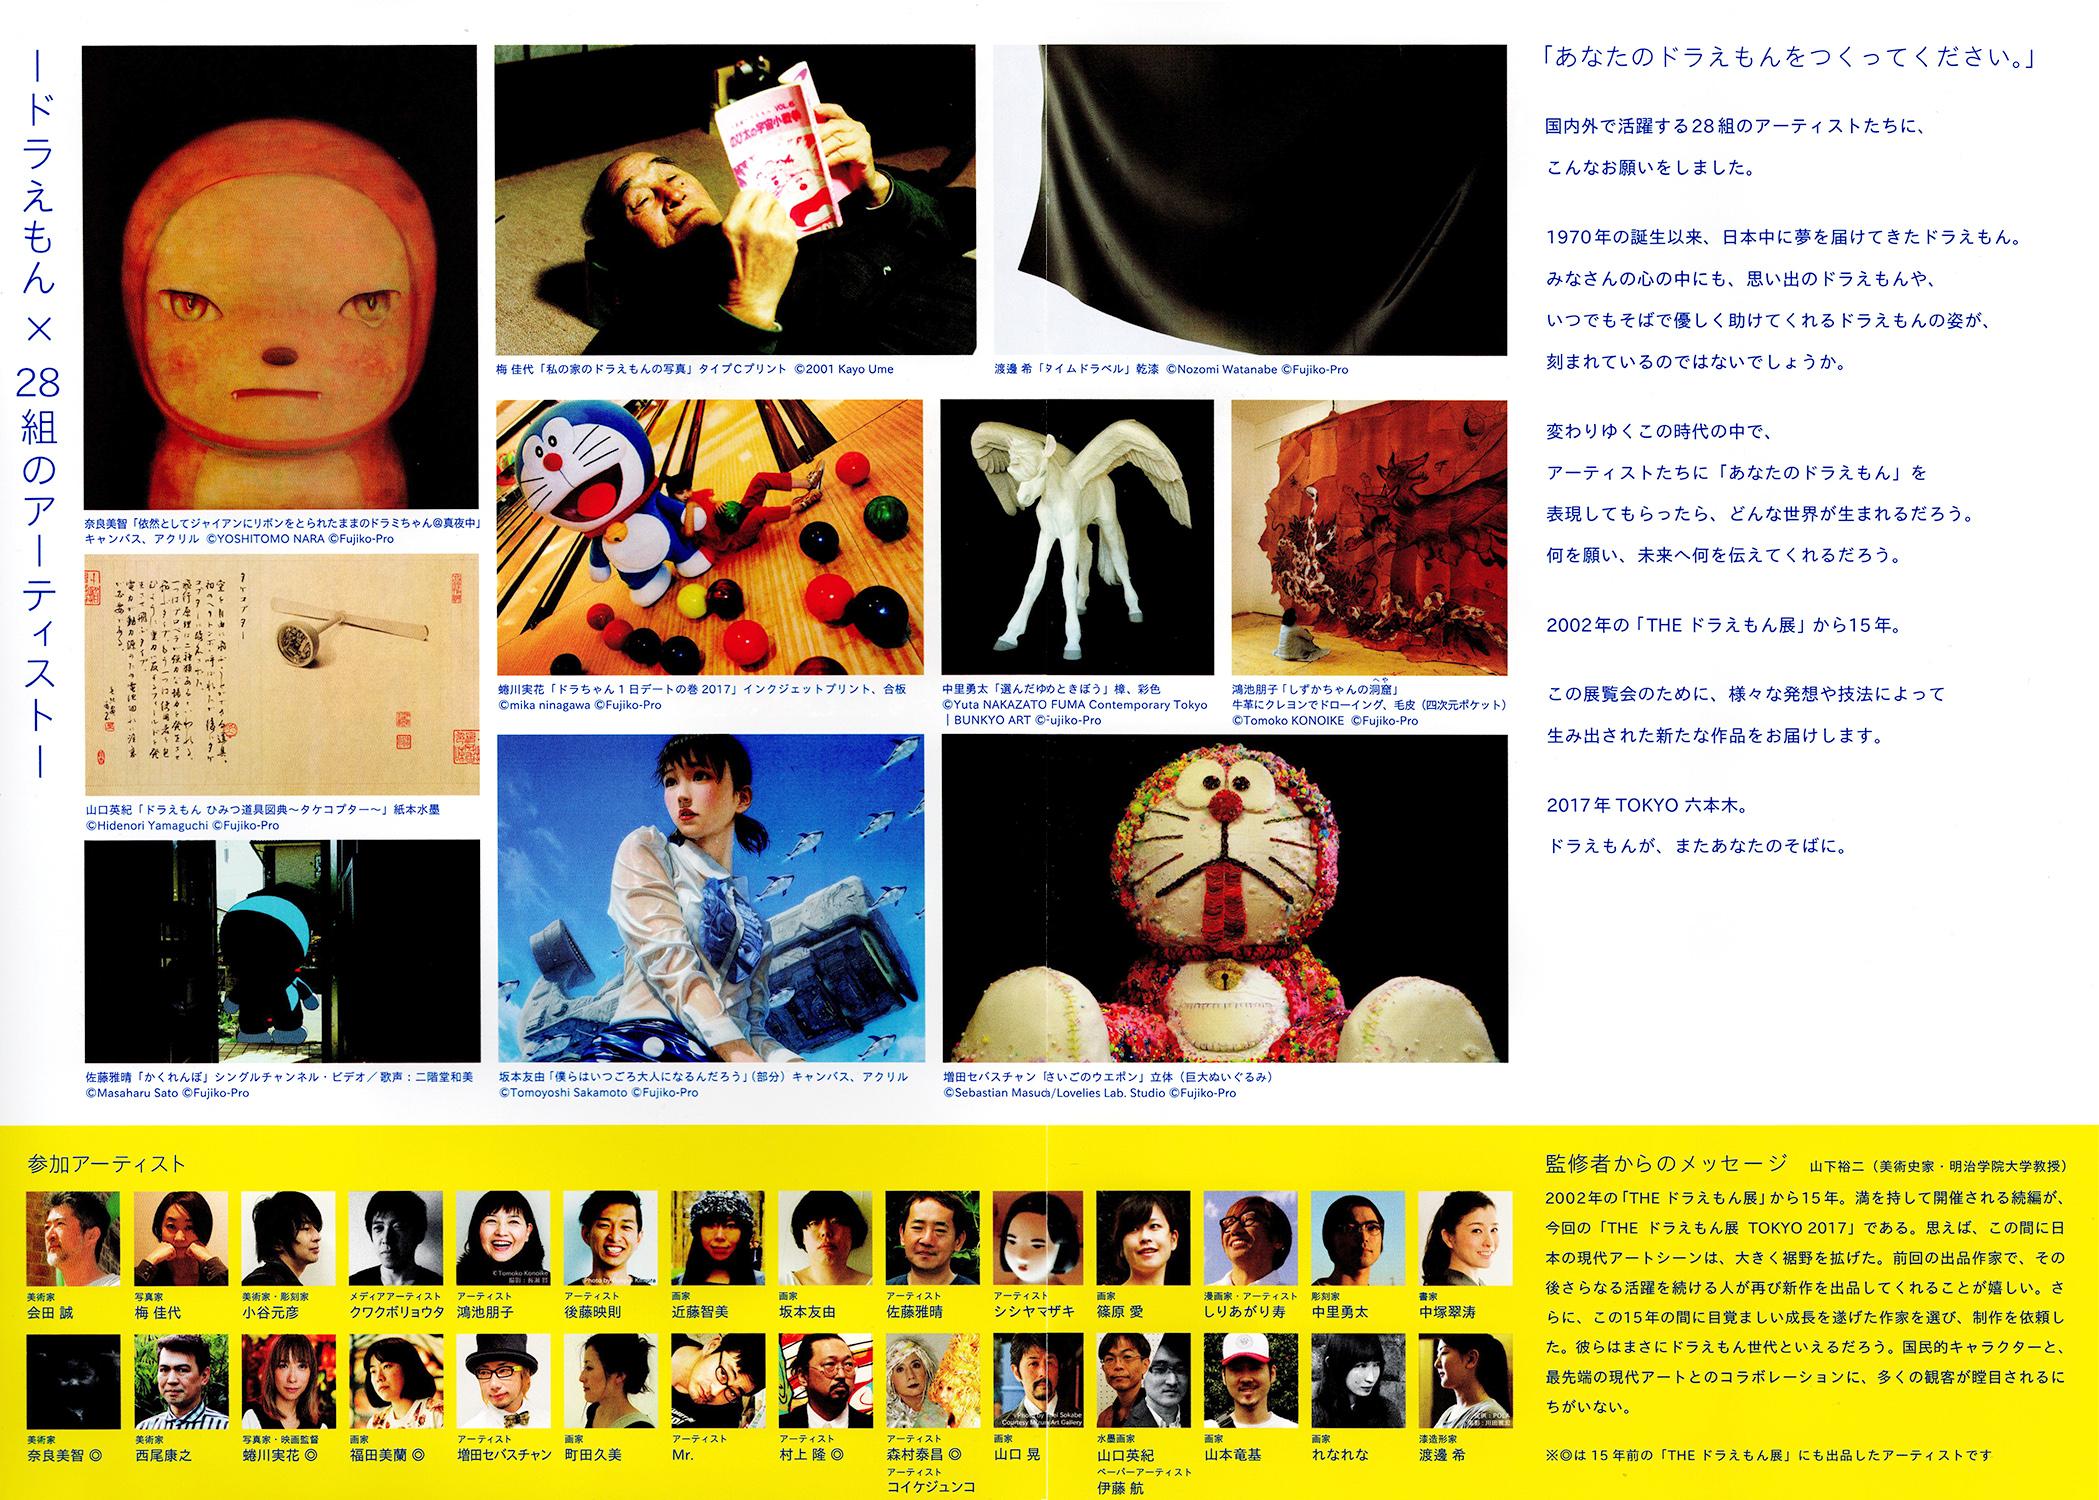 171211_doraemon03-04.jpg